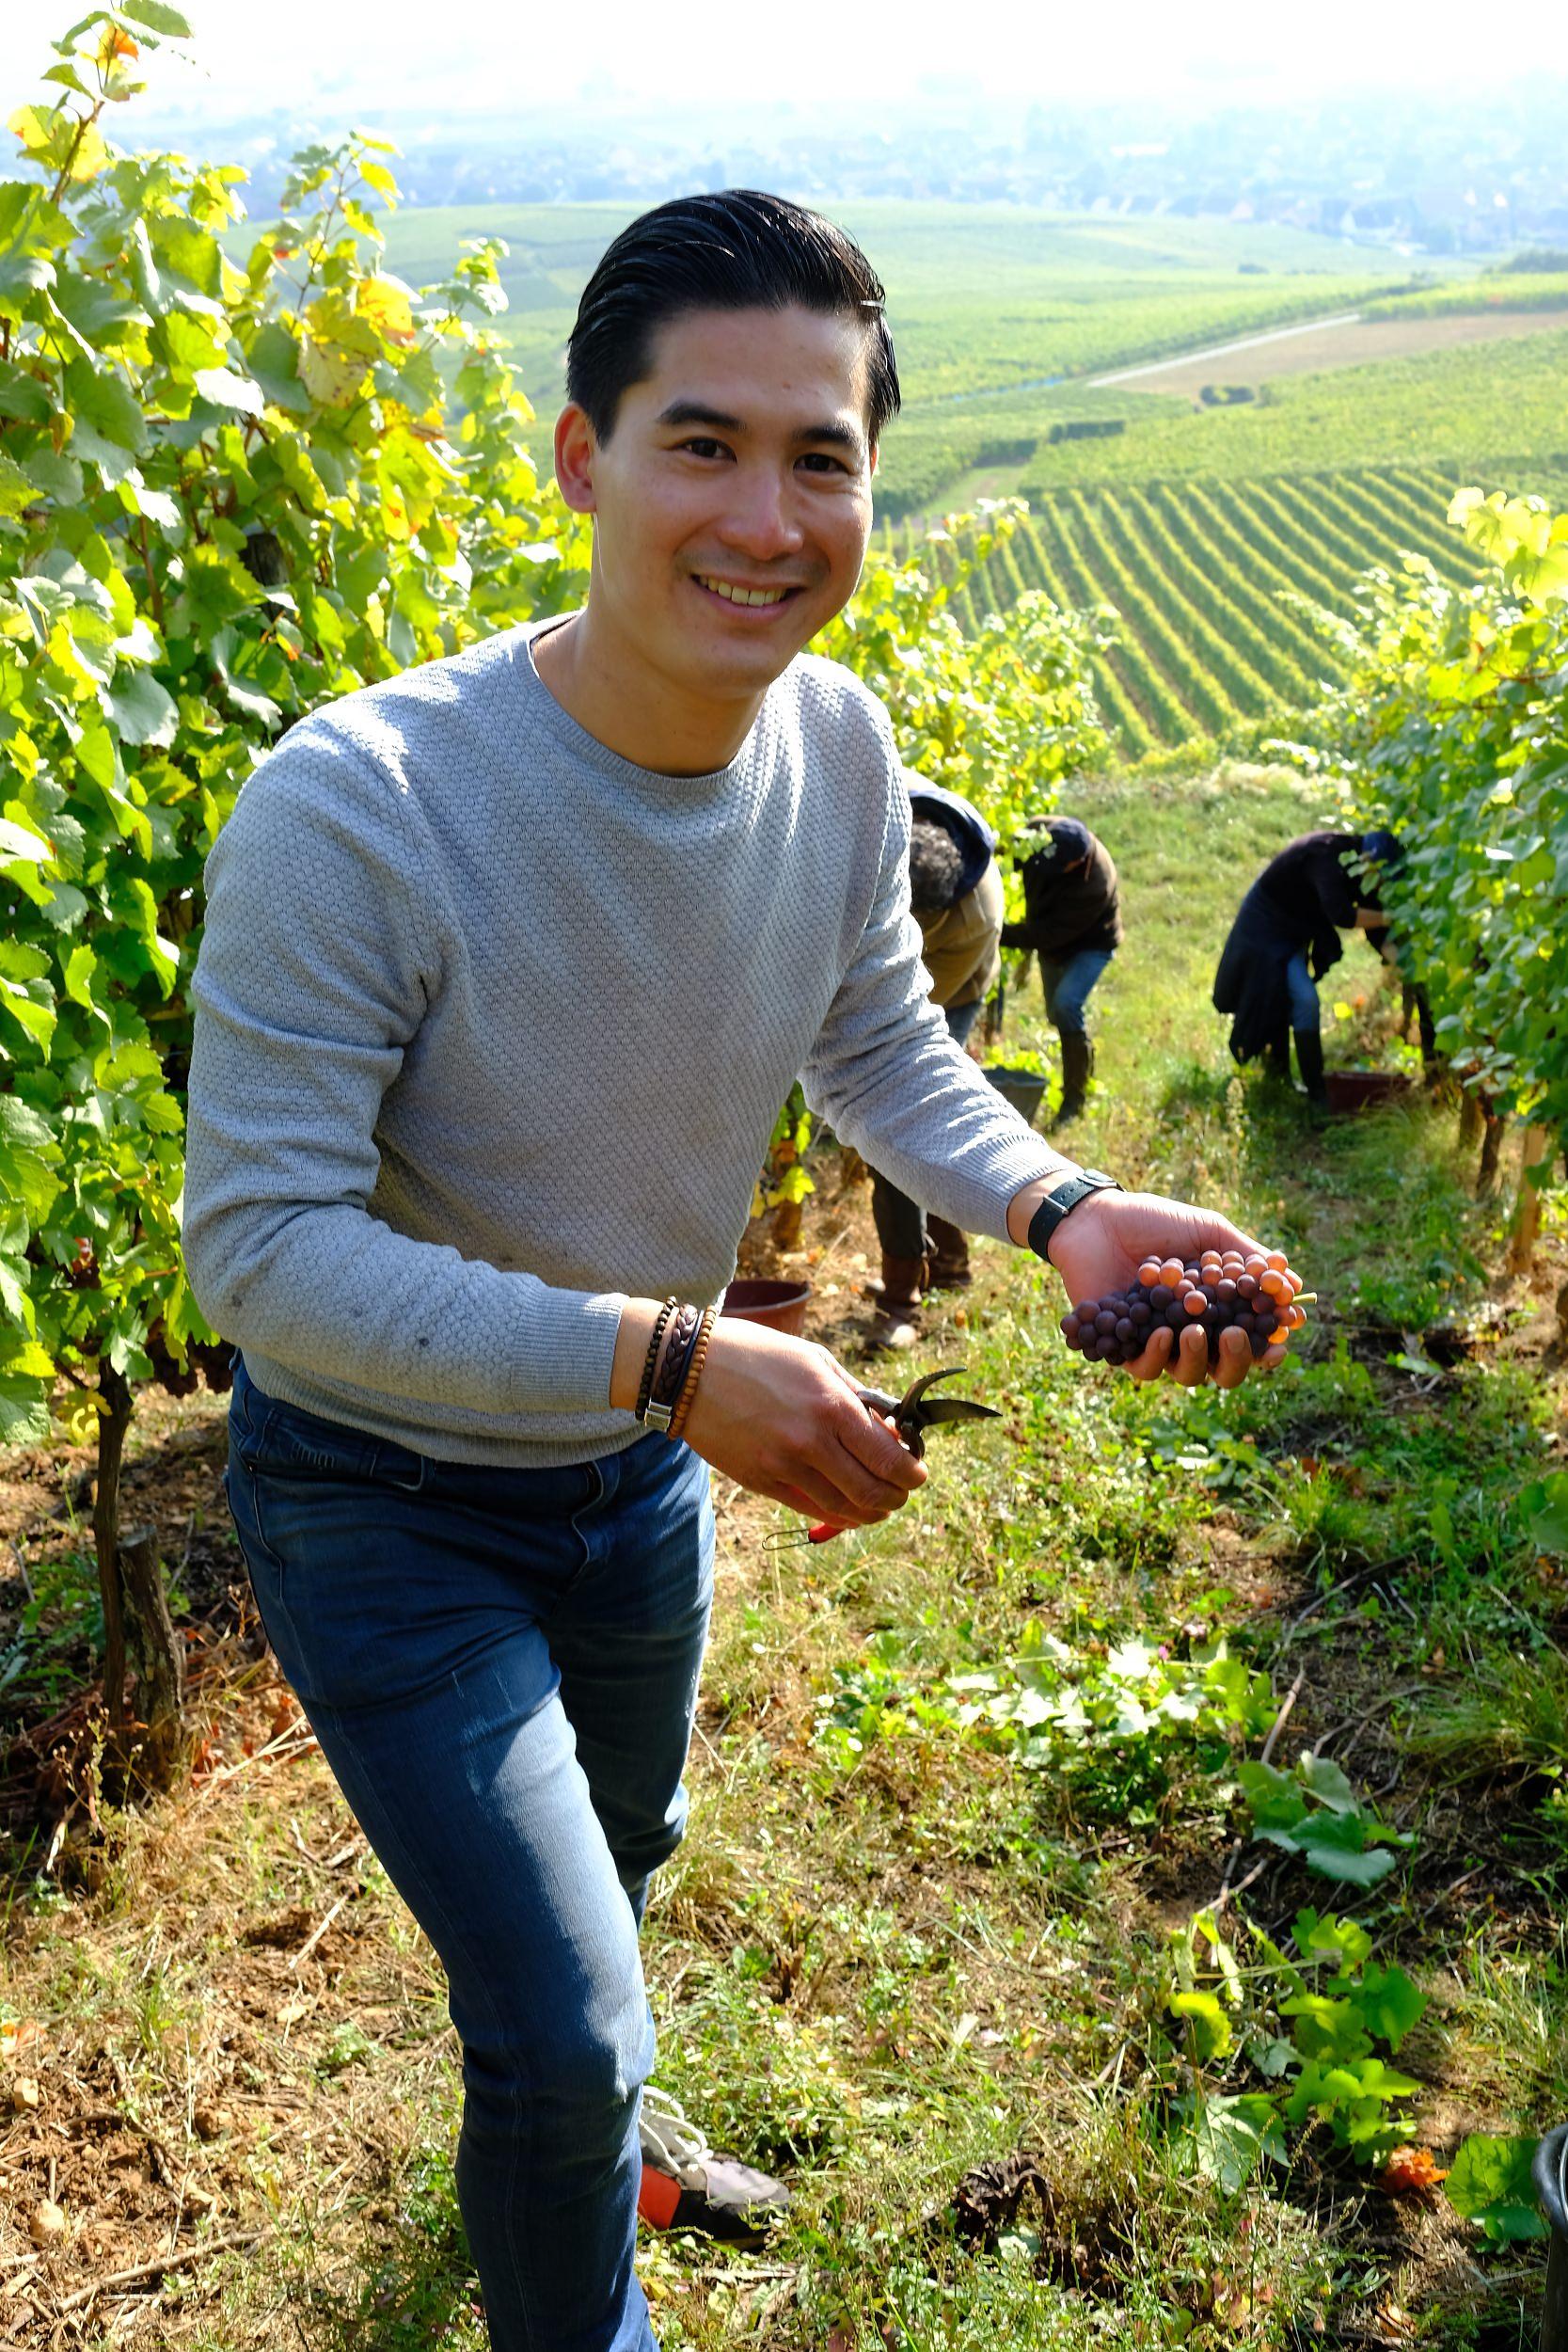 fotoreportage-wijn produceren-Vignoble des 2 lunes-Bosman Wijnkopers-462.jpg